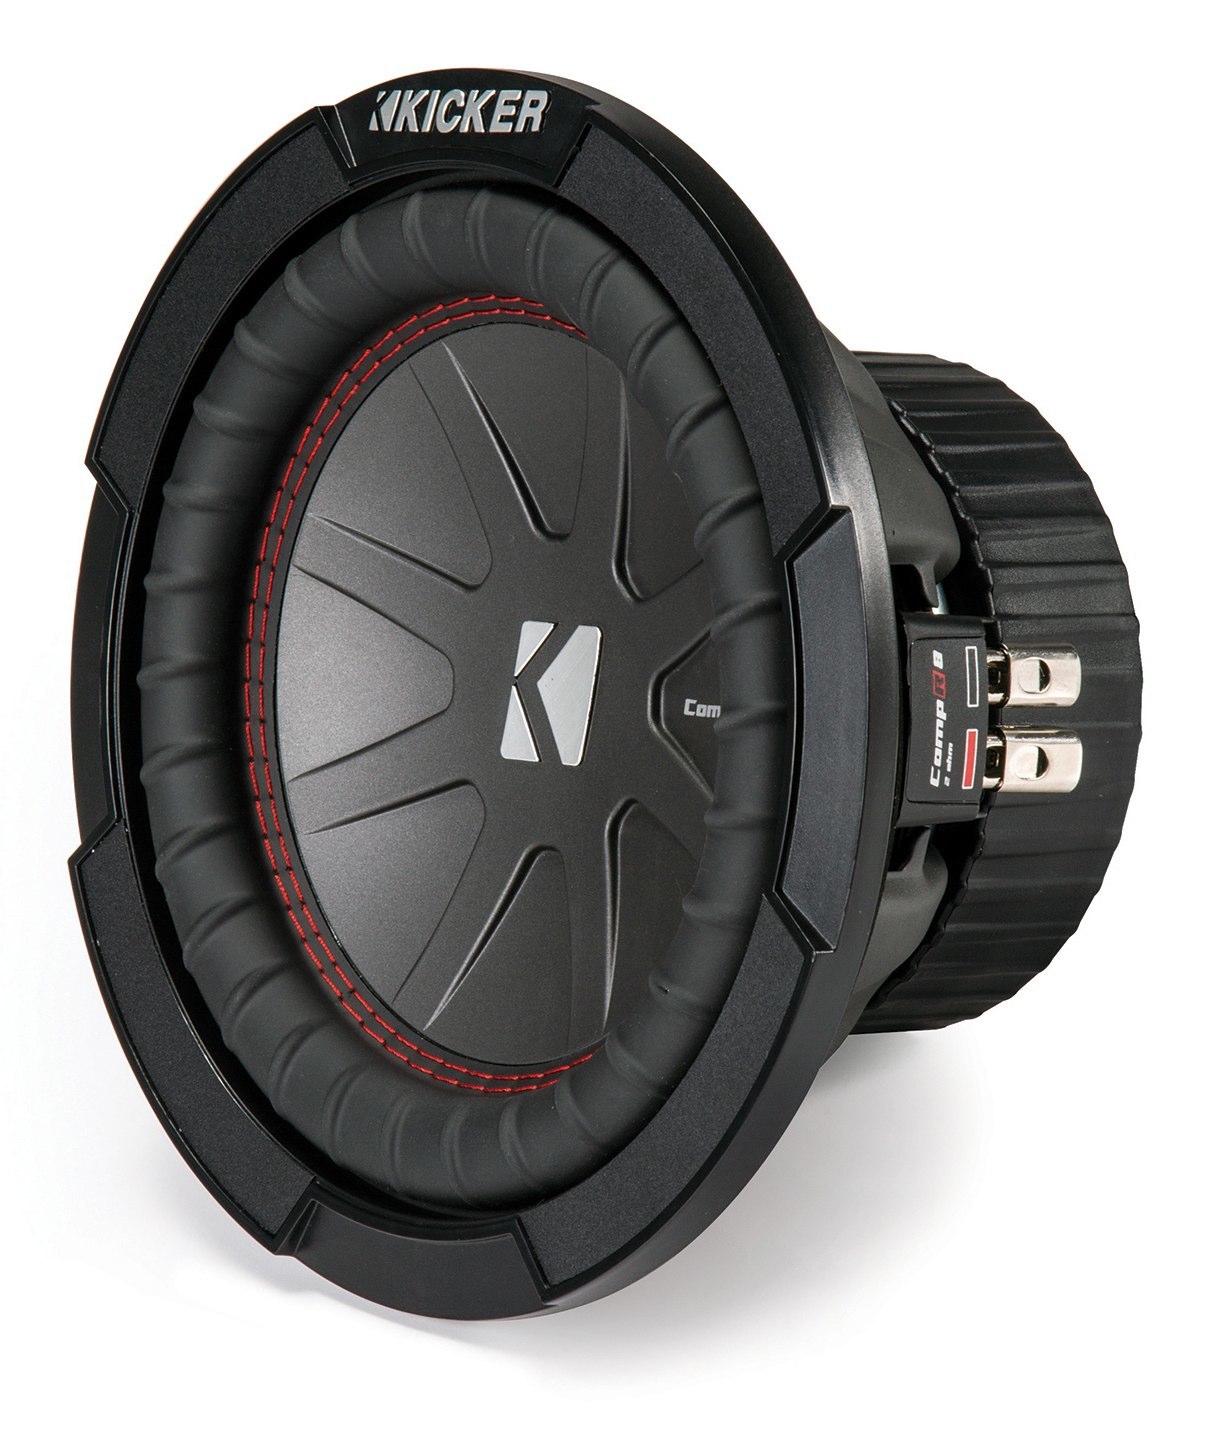 """KICKER CWR84-43 Subwoofer 20cm 8"""" Woofer CompR84 CompR-Serie 600 Watt"""